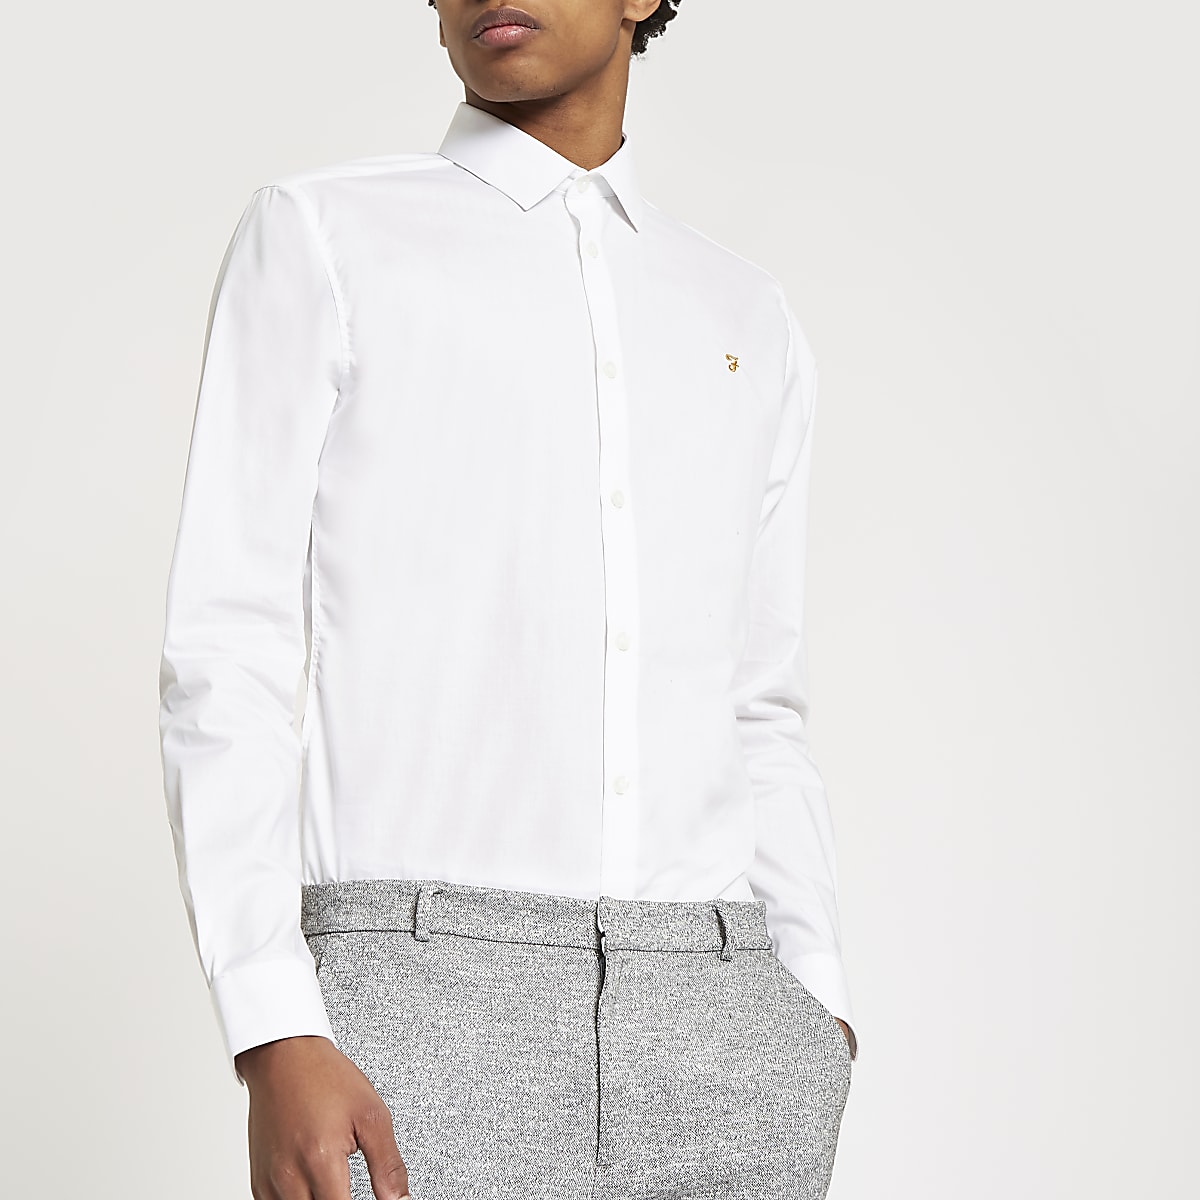 Farah white long sleeve shirt